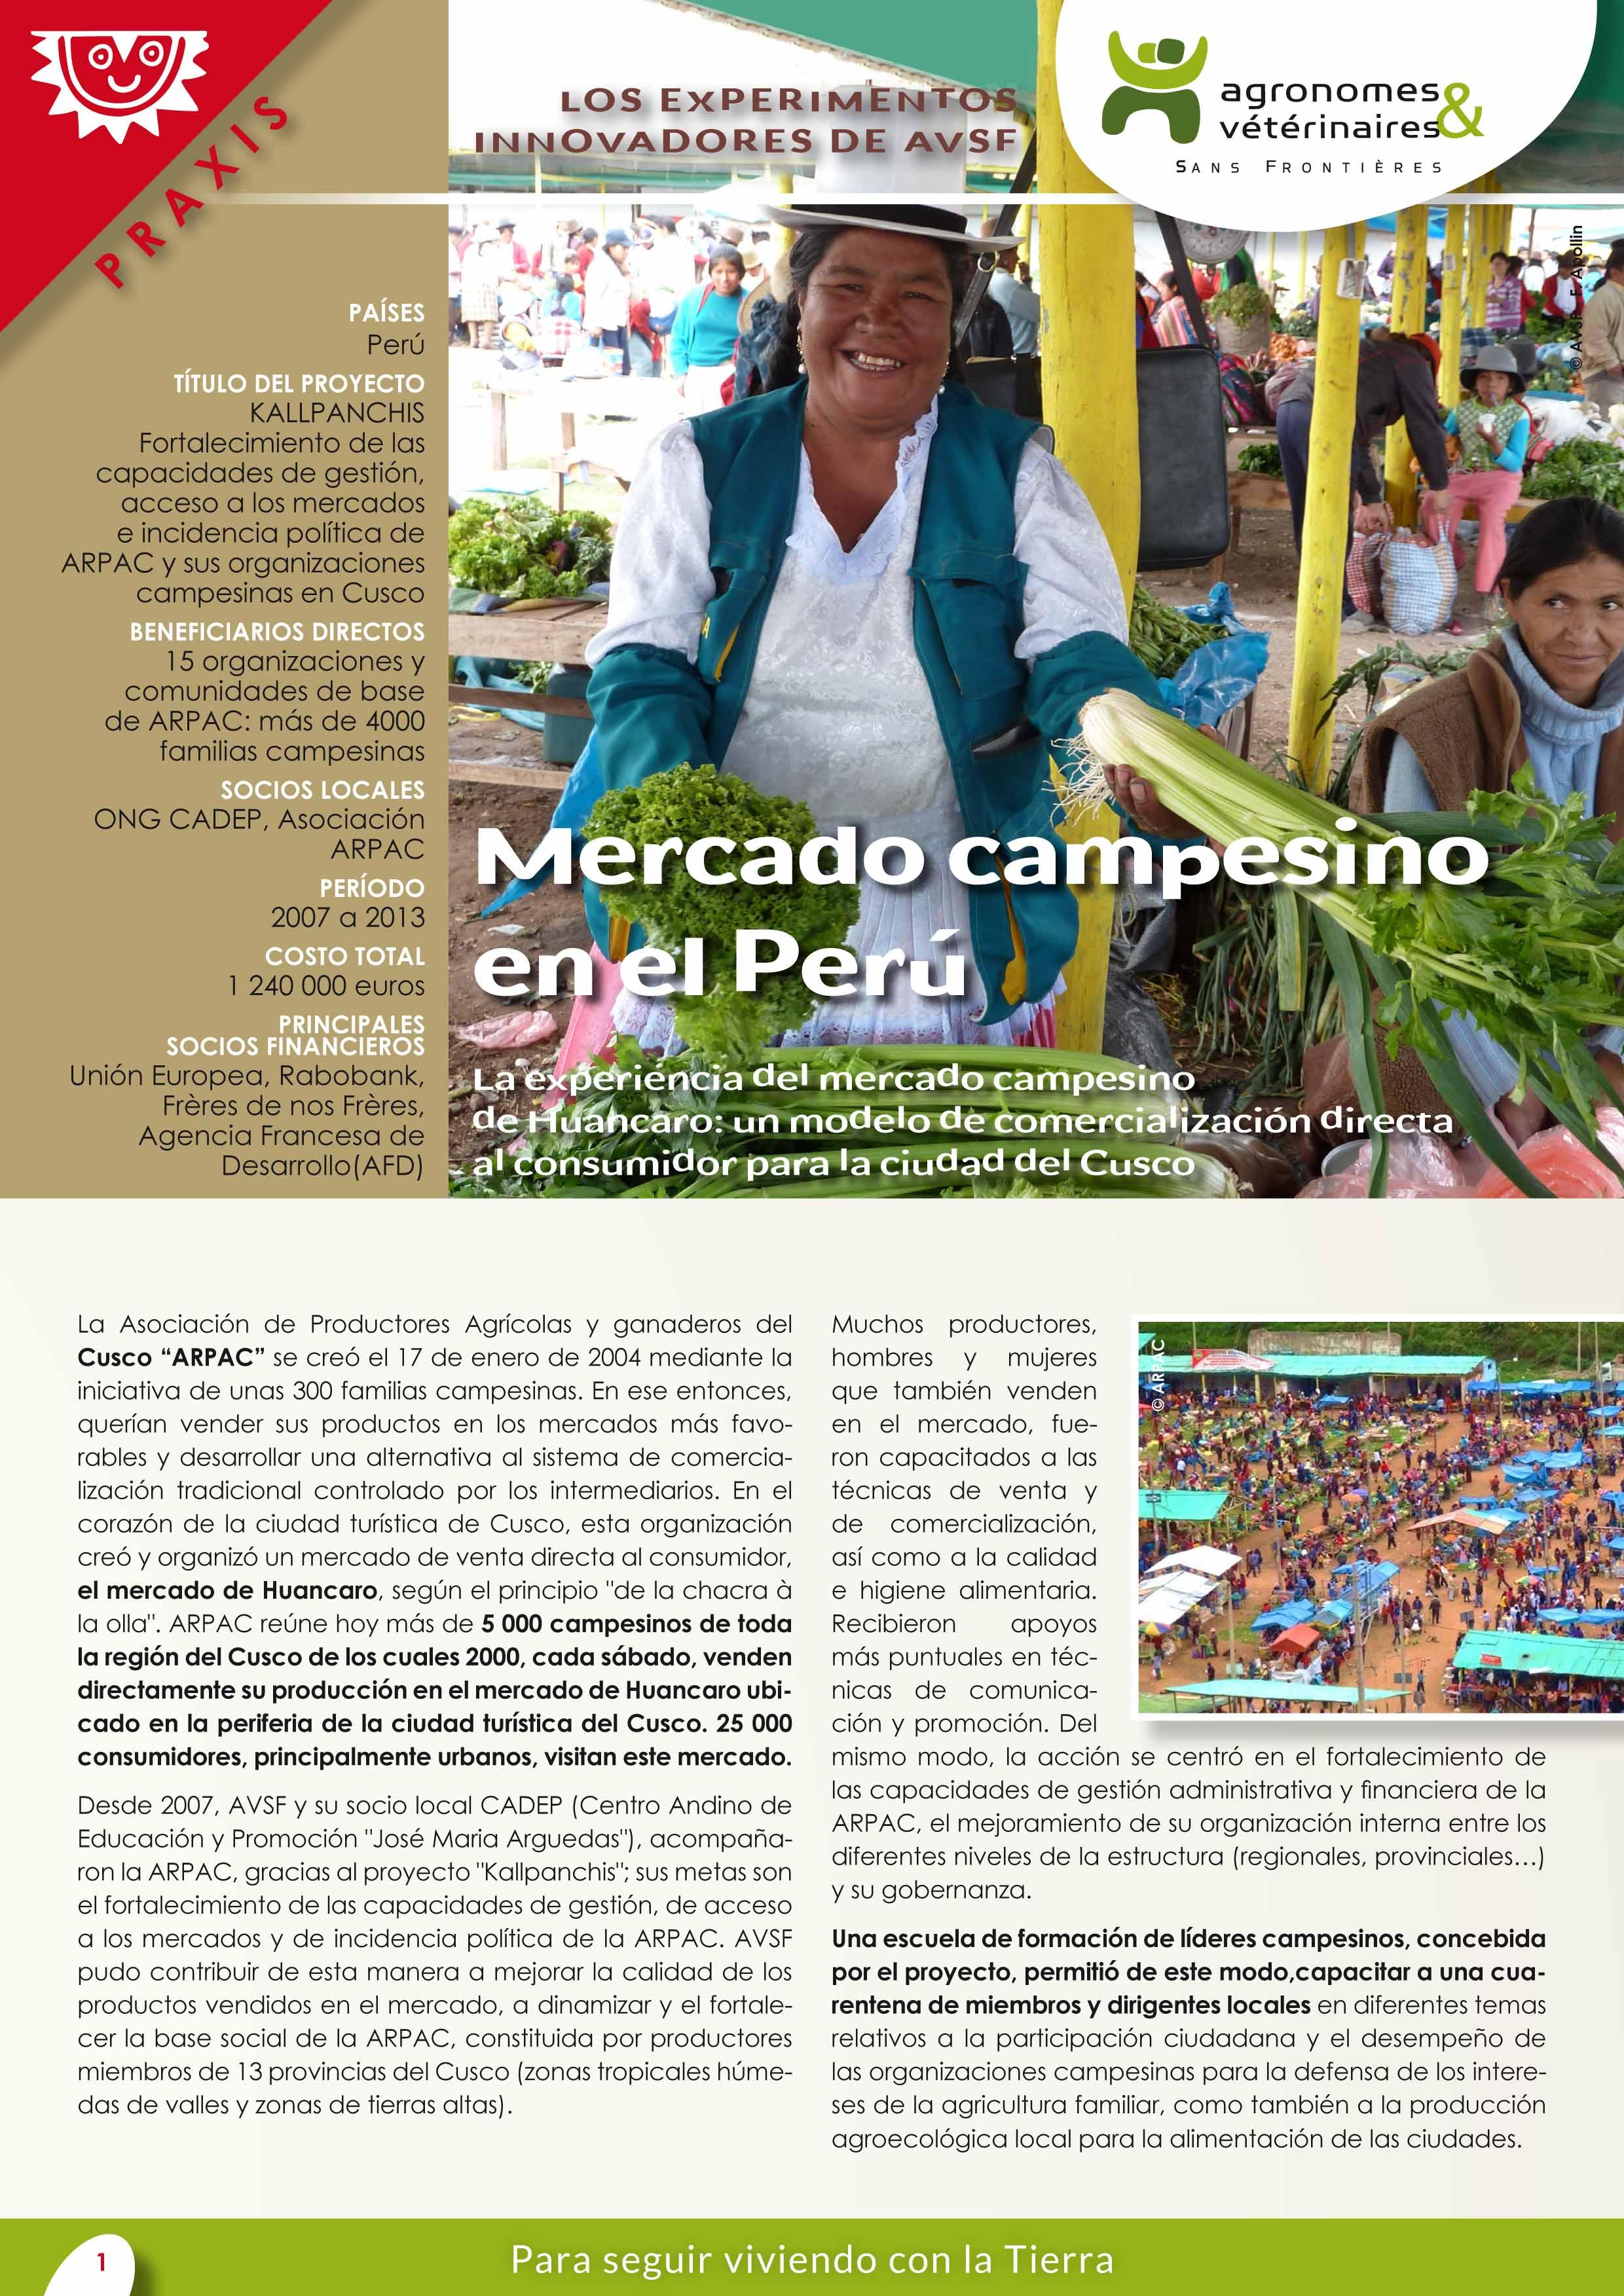 Las experiencias innovadoras de AVSF: Mercado campesino en el Perú Image principale